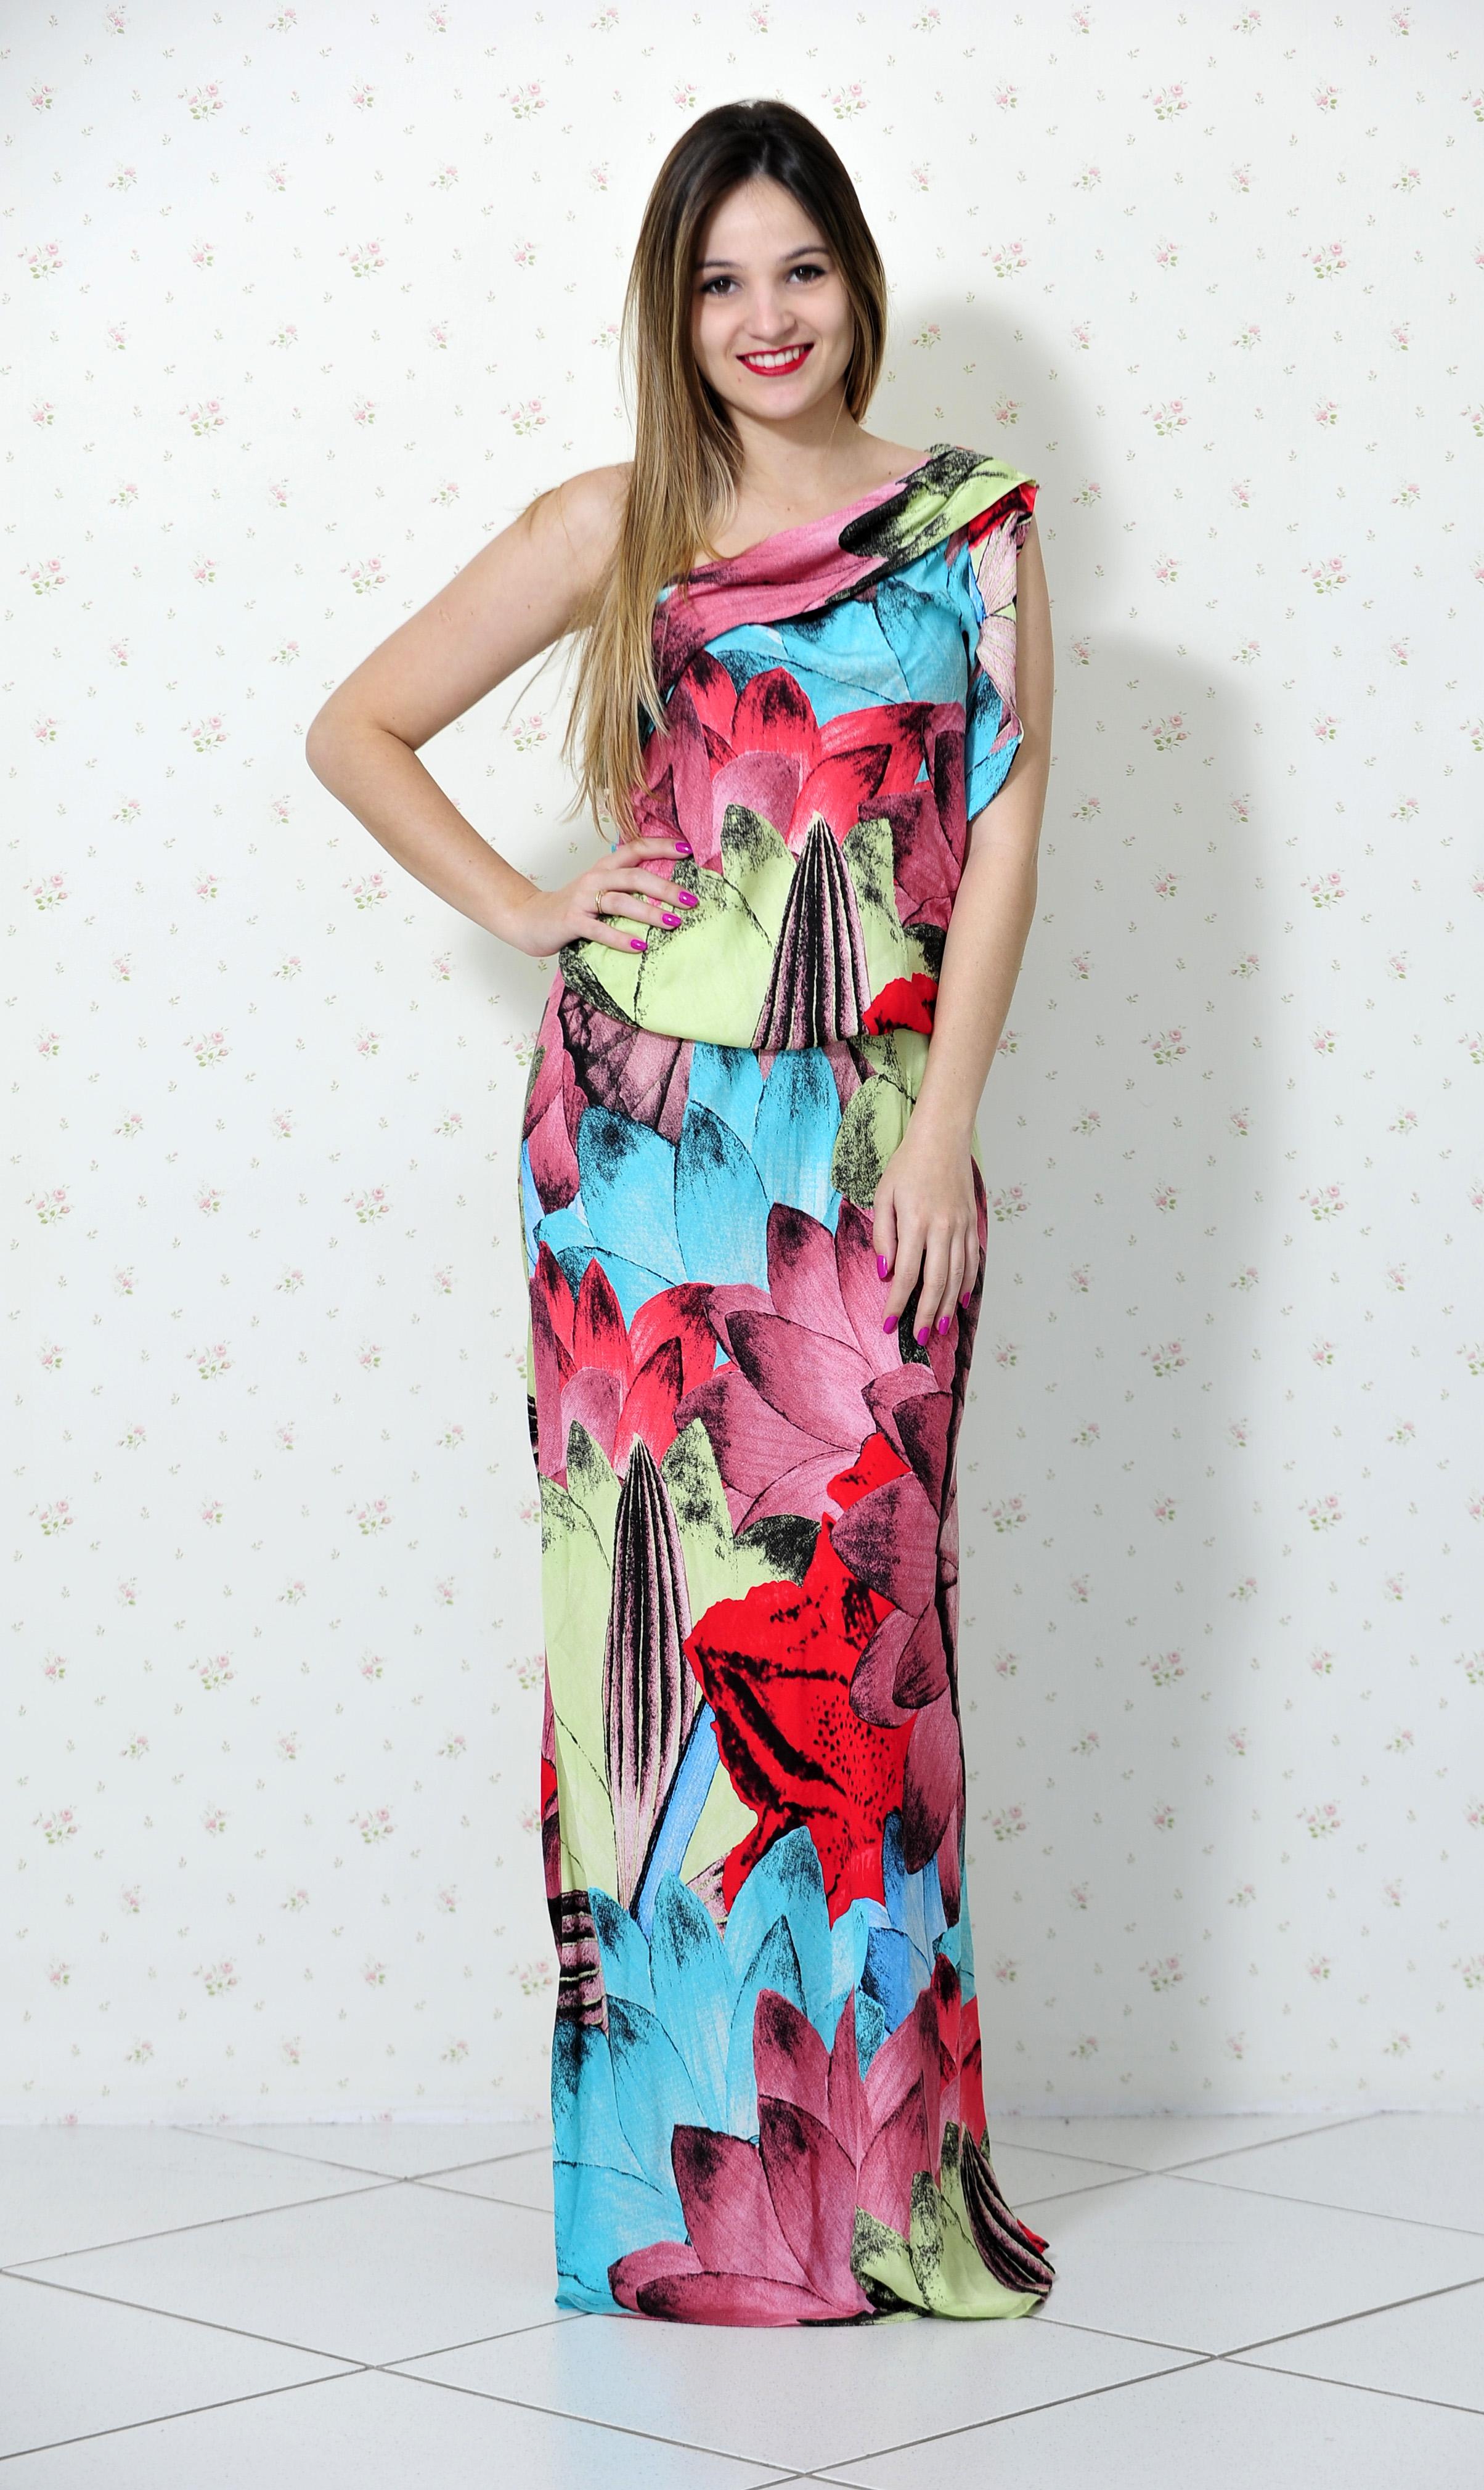 bd3a88642240 Look Impactto: Vestido longo – Blog Mah Seno